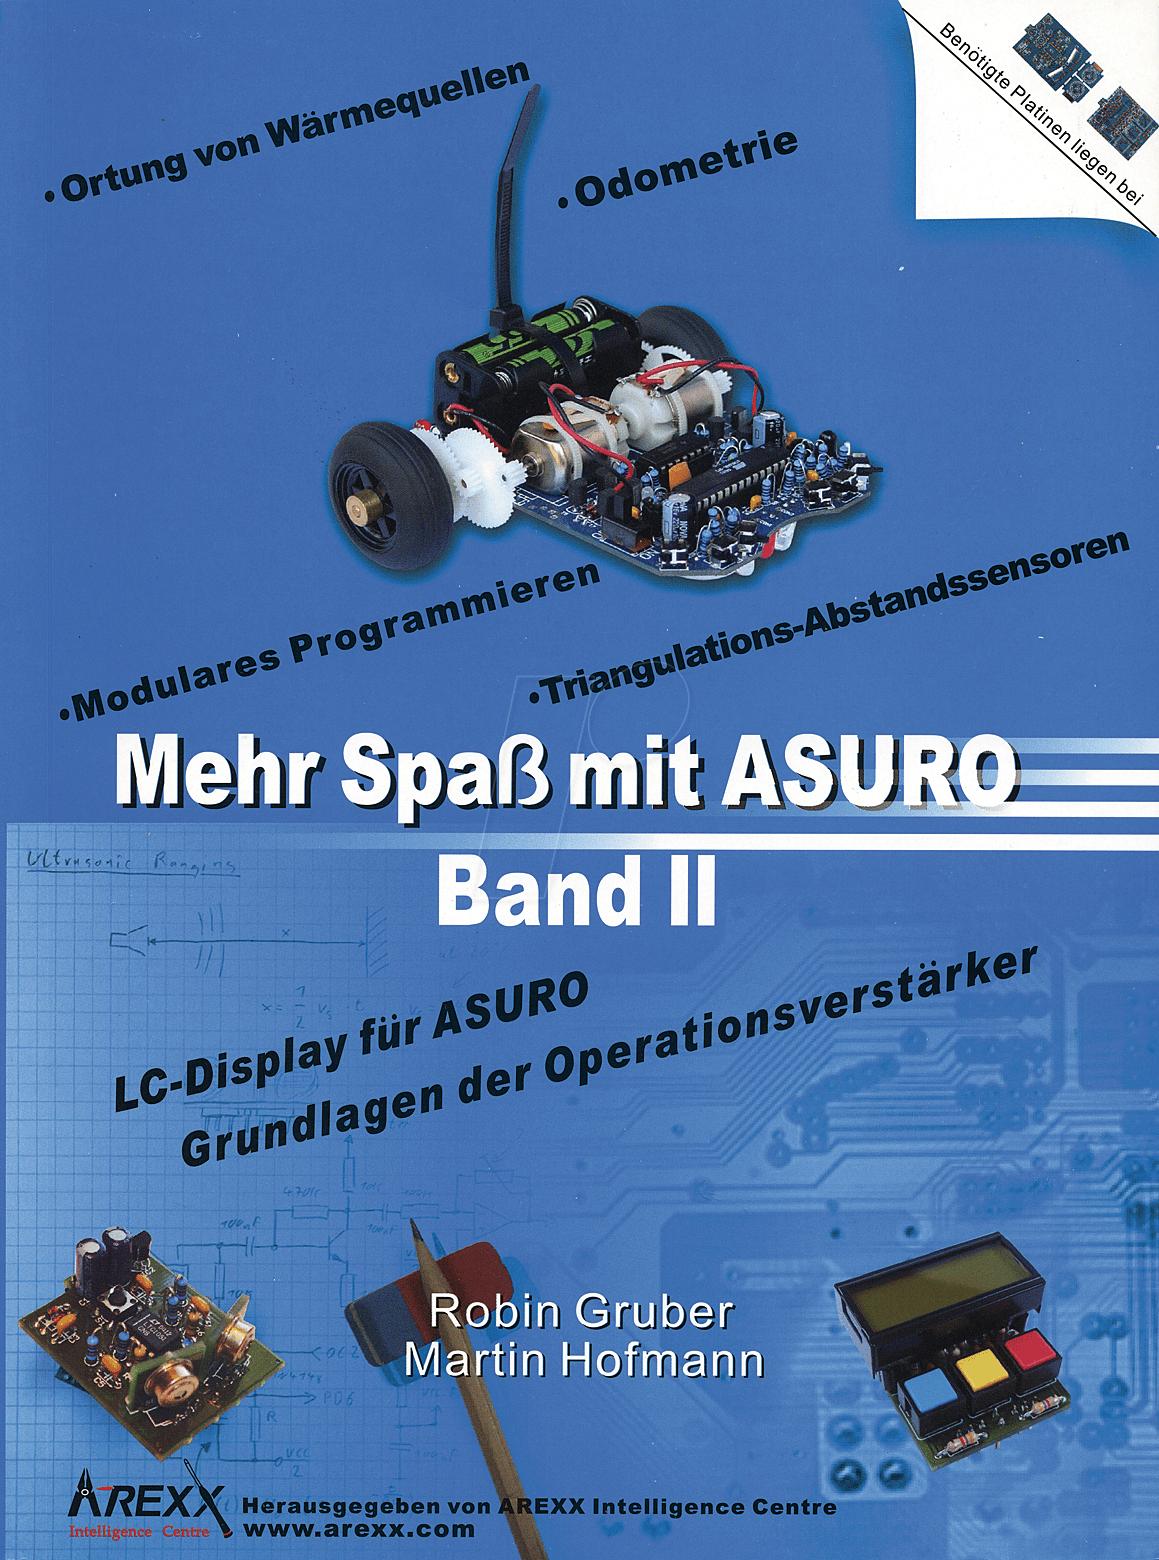 https://cdn-reichelt.de/bilder/web/xxl_ws/E800/ASURO-BAND2.png